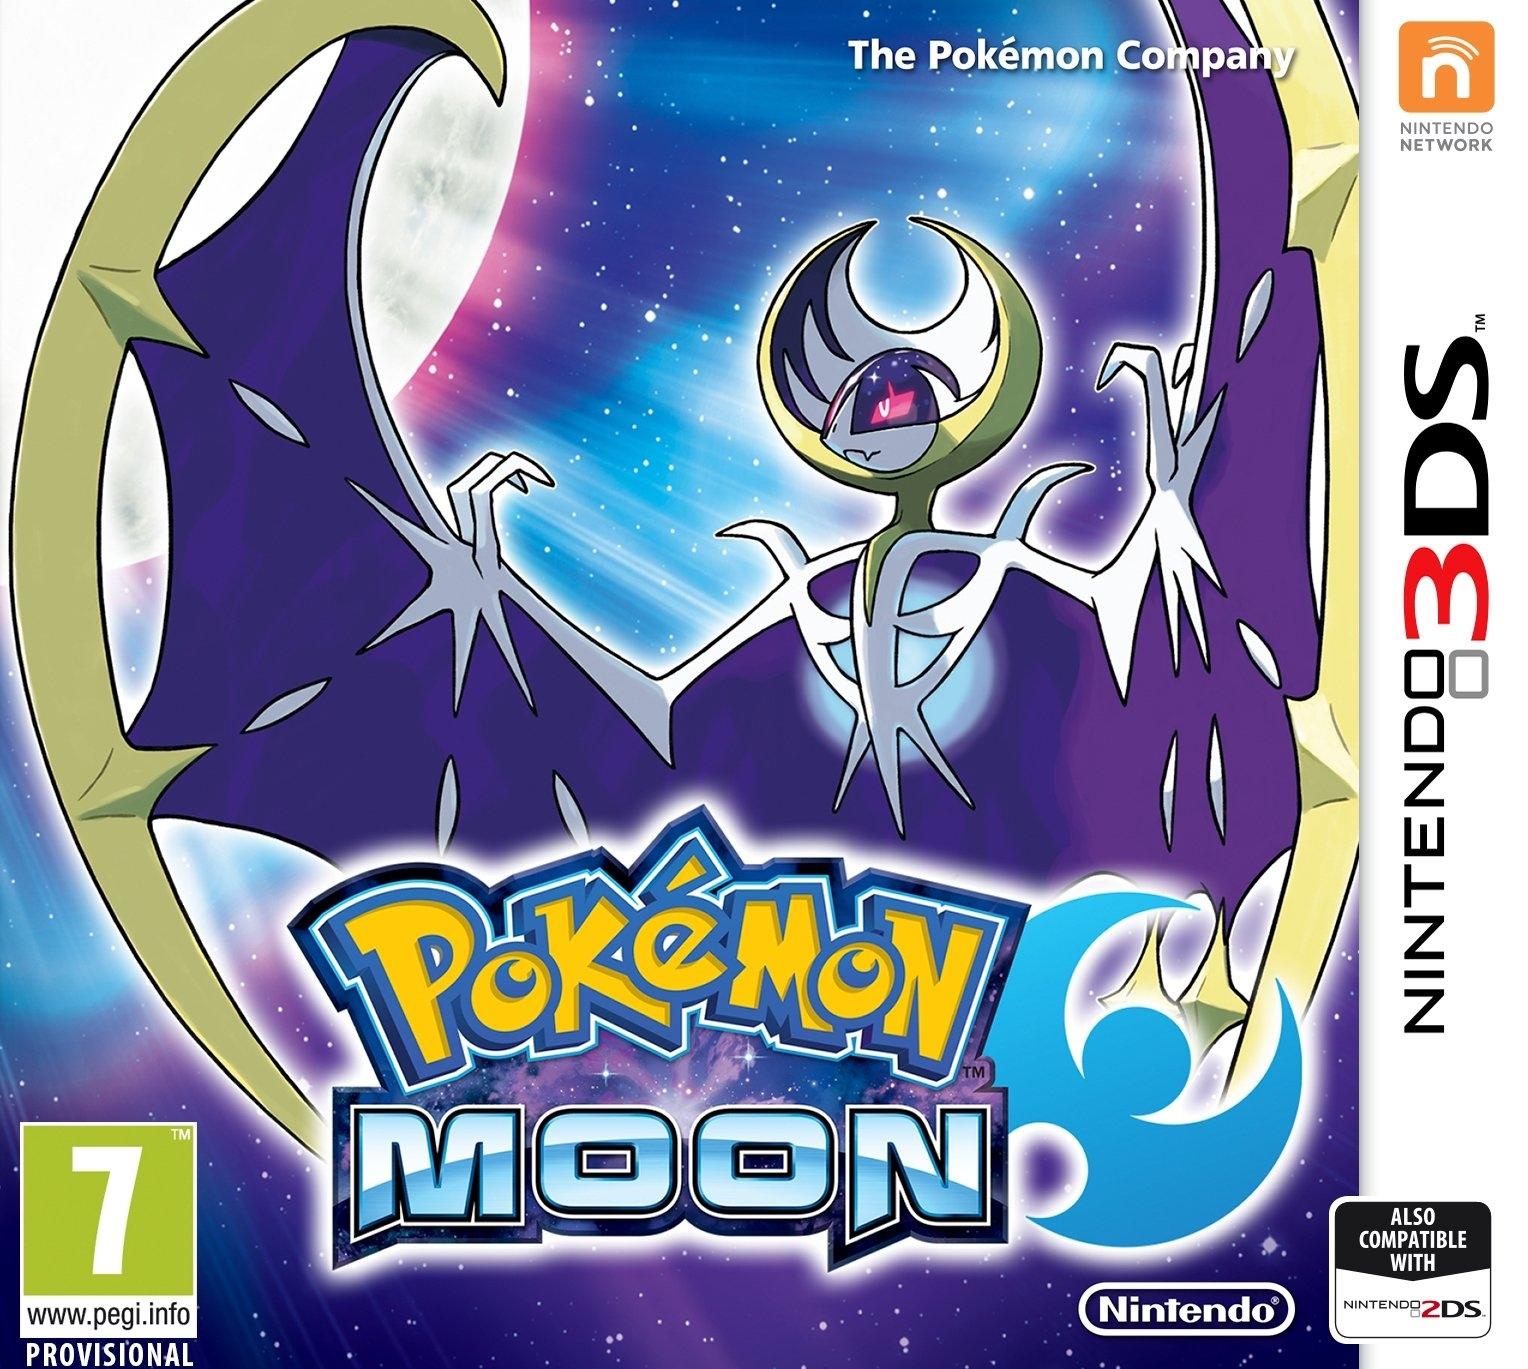 NINTENDO 3DS, Pokemon, Moon bestellen: 30 dagen bedenktijd